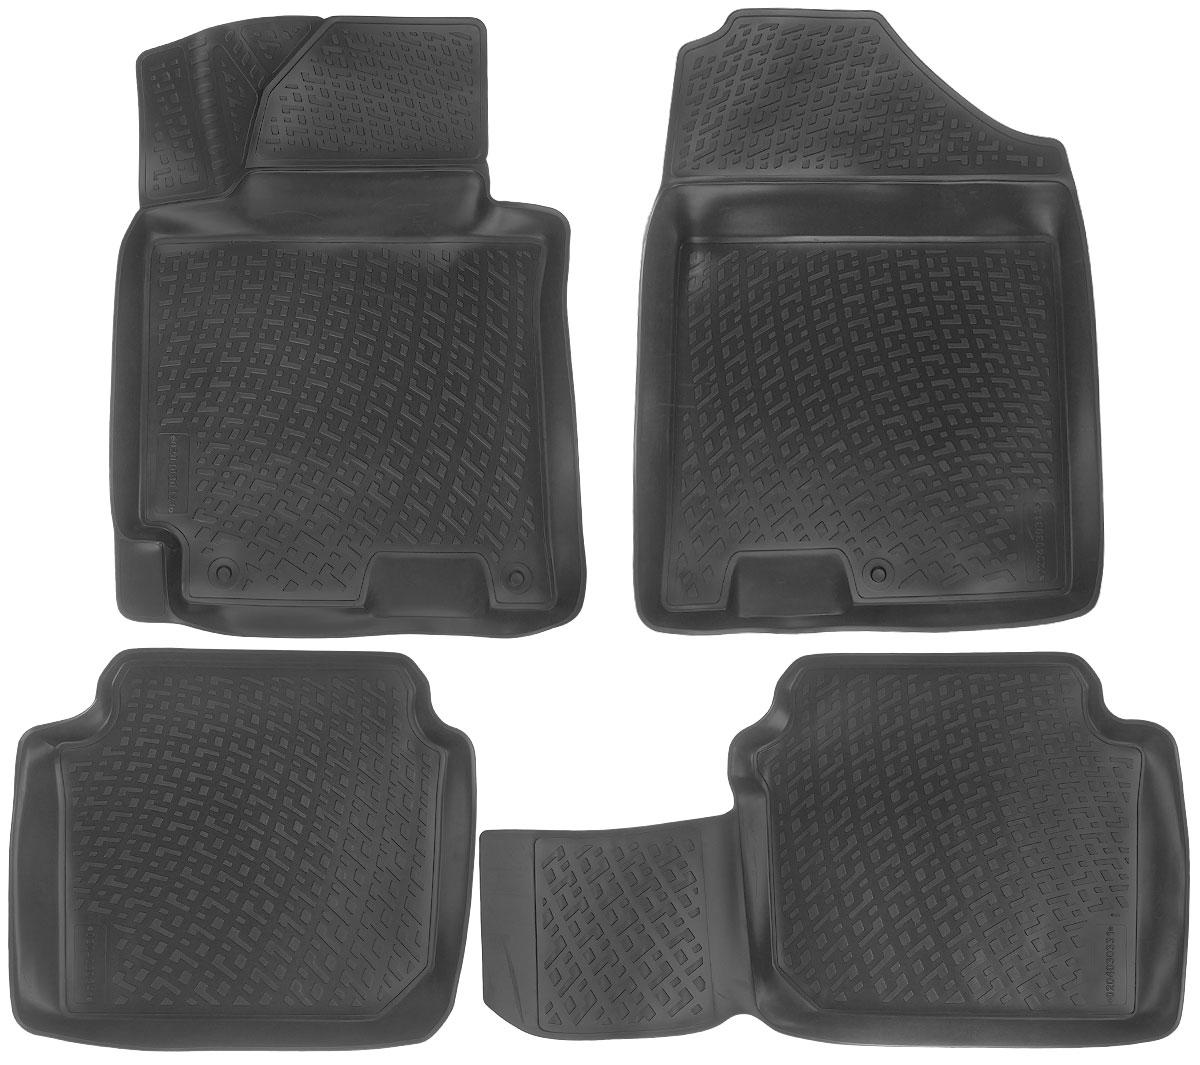 Набор автомобильных ковриков L.Locker Hyundai Elantra 2011, в салон, 4 шт0204030301Набор L.Locker Hyundai Elantra 2011, изготовленный из полиуретана, состоит из 4 антискользящих 3D ковриков, которые производятся индивидуально для каждой модели автомобиля. Изделие точно повторяет геометрию пола автомобиля, имеет высокий борт, обладает повышенной износоустойчивостью, лишено резкого запаха и сохраняет свои потребительские свойства в широком диапазоне температур от -50°С до +50°С. Комплектация: 4 шт. Размер ковриков: 77 см х 57 см; 57 см х 50 см; 89 см х 49 см; 77 см х 58 см.